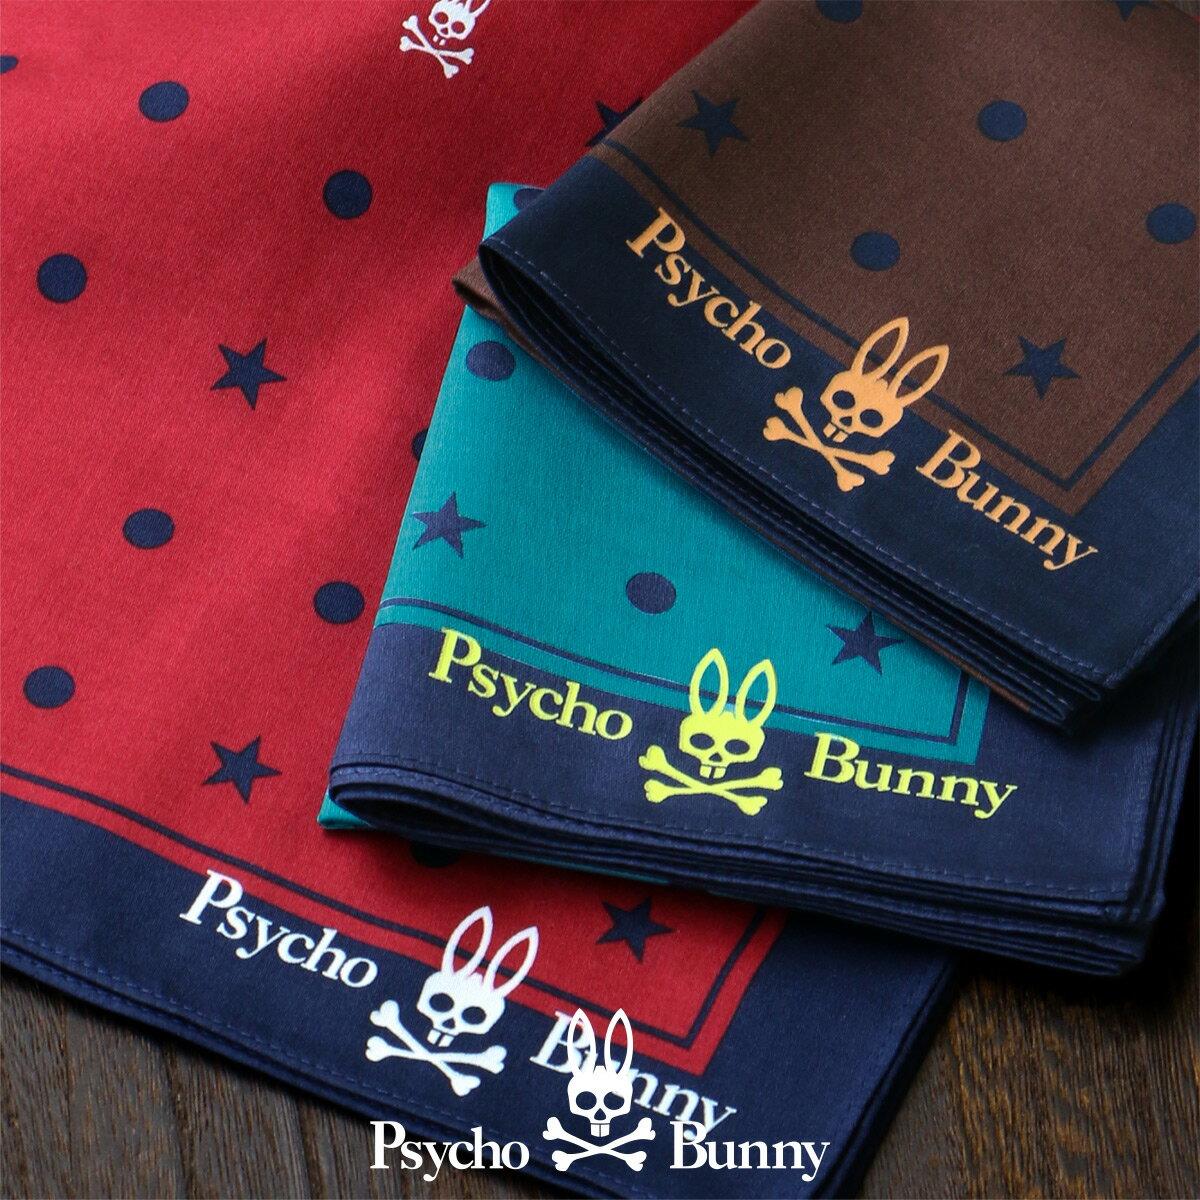 Psycho Bunny|サイコバニー 無料 サイコ ブランド ラッピング OKスタードット柄 綿100% ハンカチ男性 メンズ プレゼント 贈答 ギフト2442-911ポイント10倍